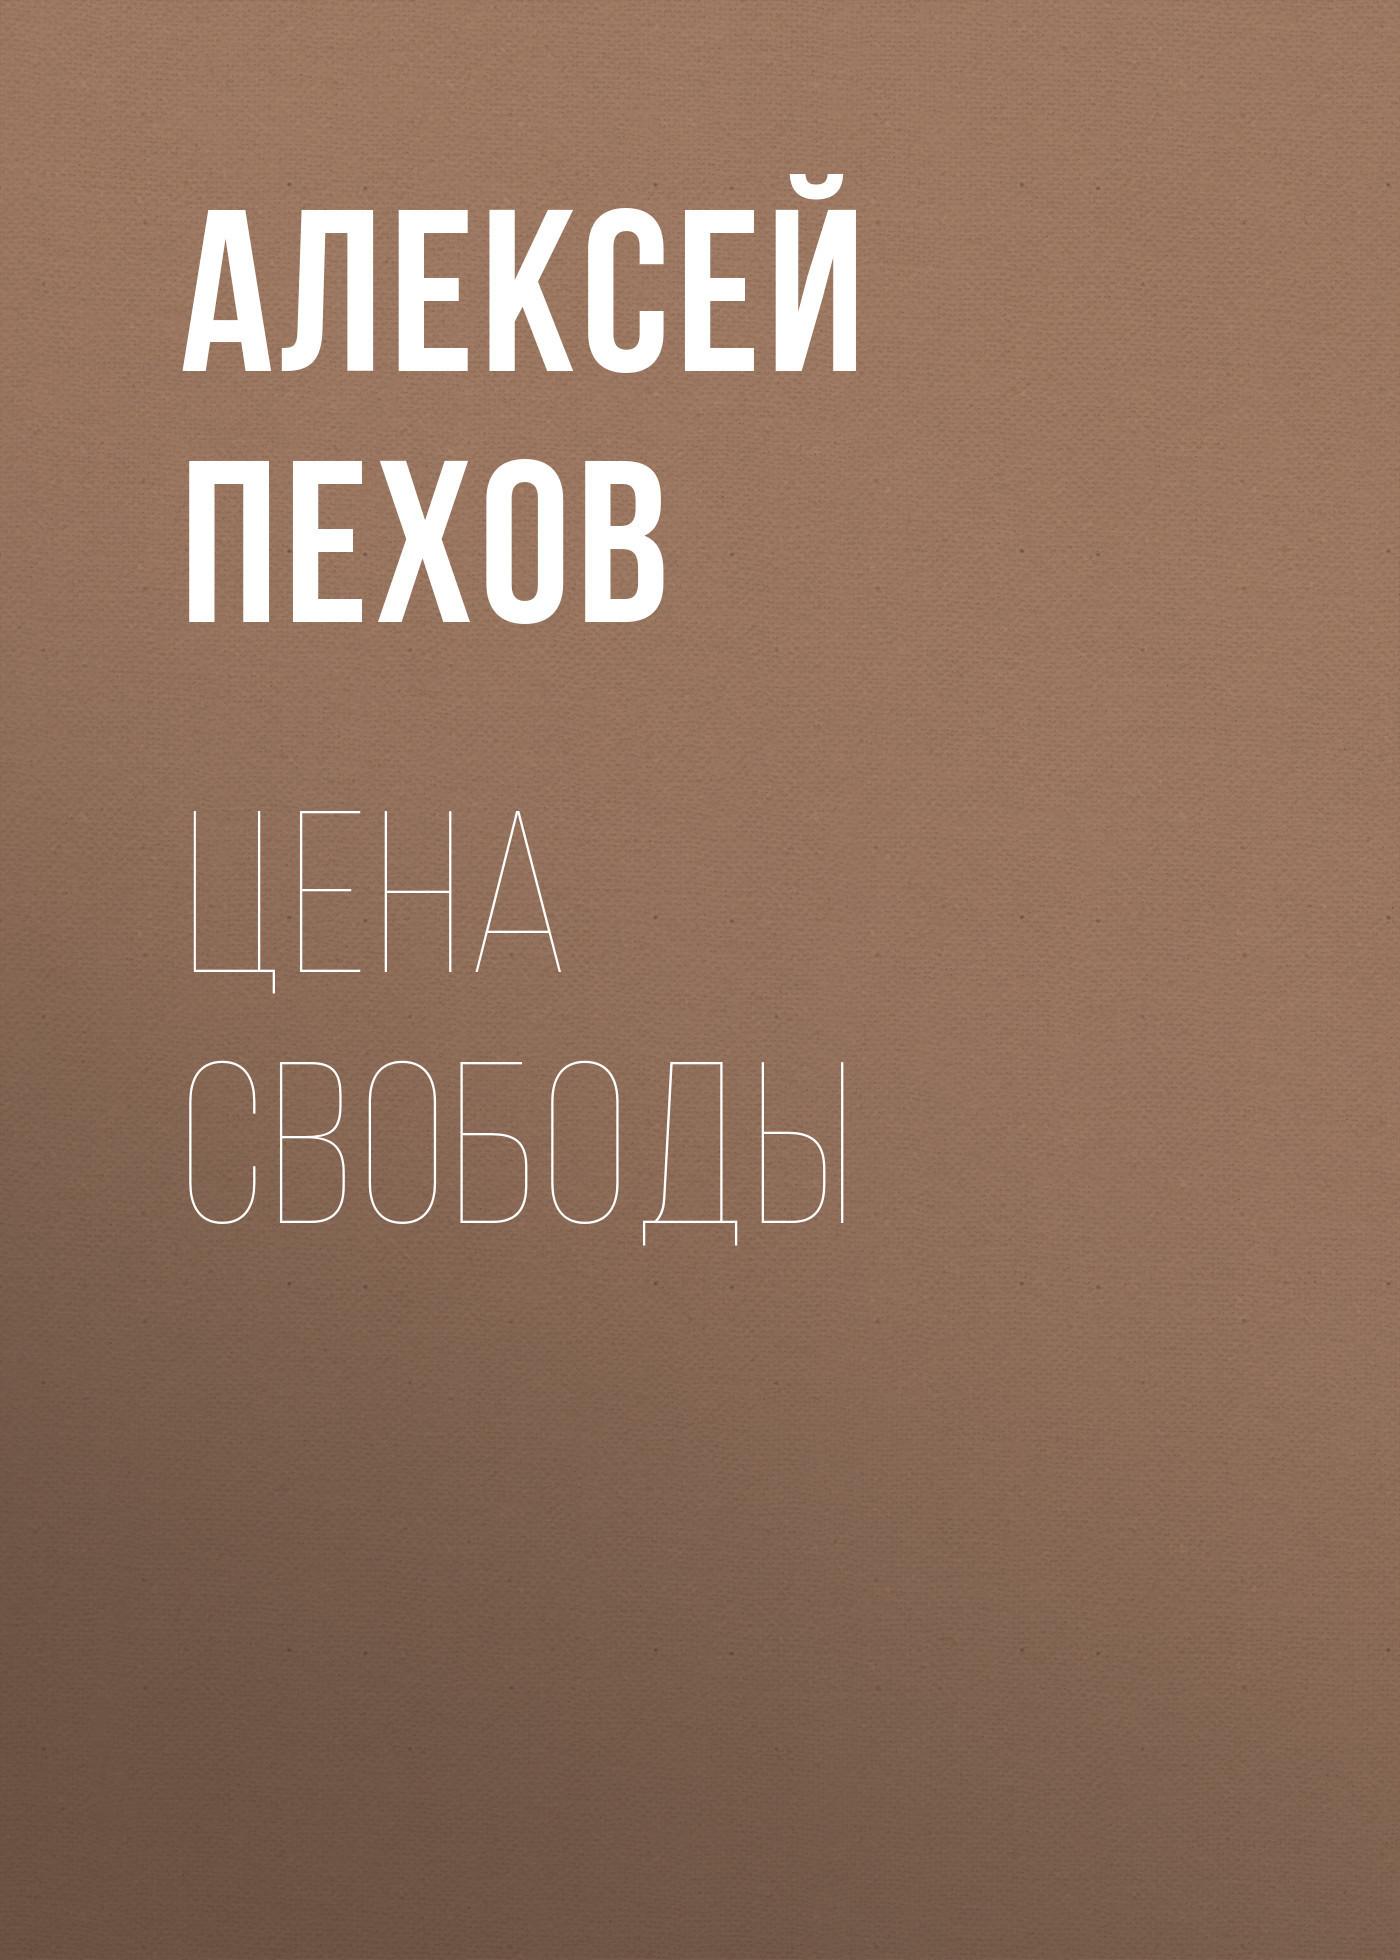 Алексей Пехов Цена свободы ISBN: 978-5-9922-0172-7 алексей пехов ветер и искры сборник isbn 978 5 9922 0335 6